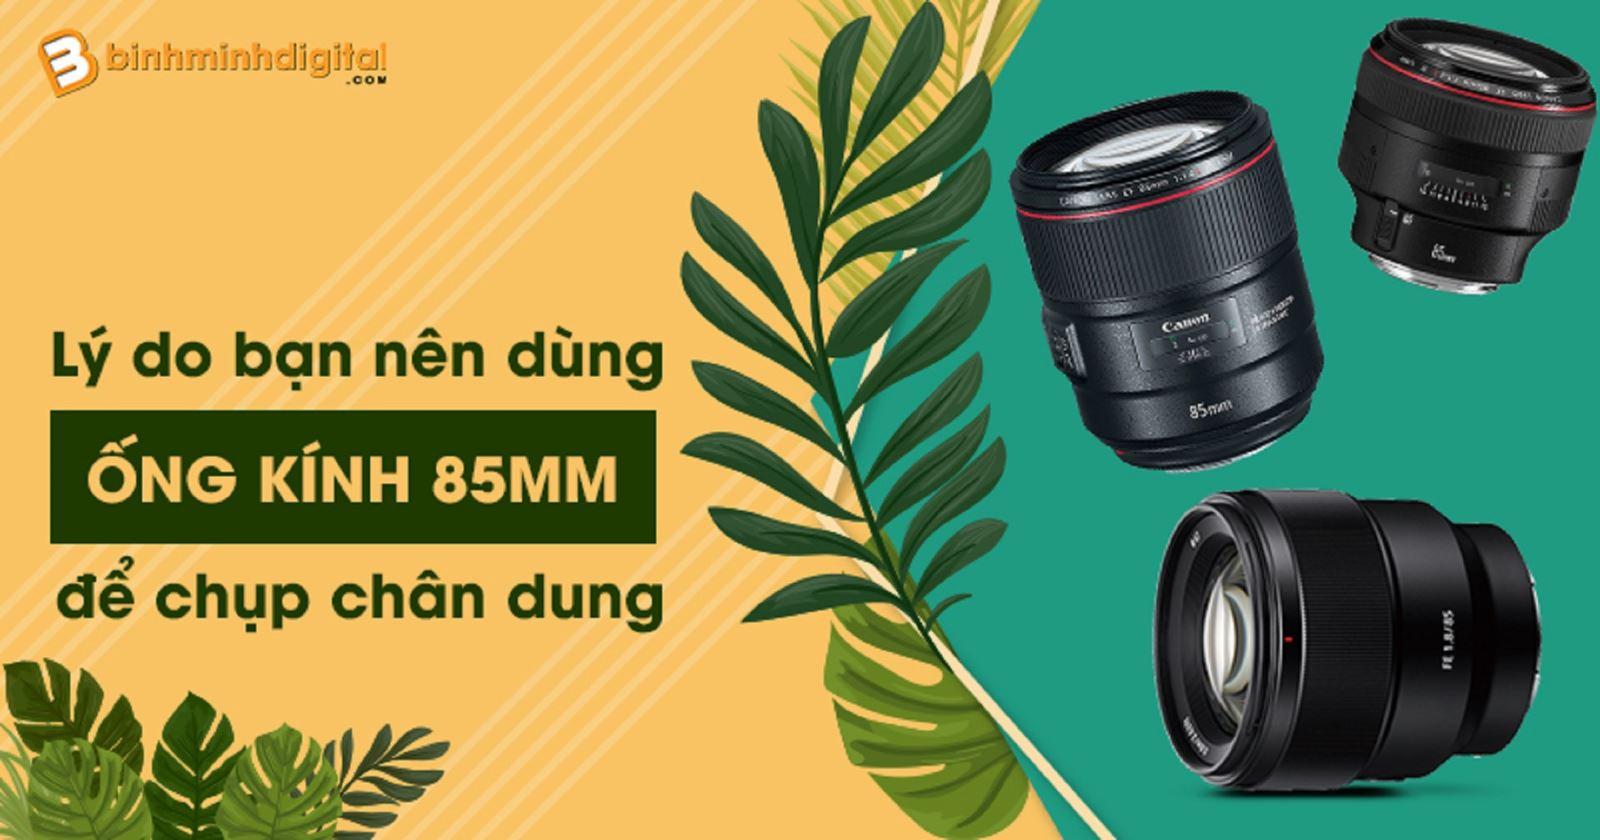 Lý do bạn nên dùng ống kính 85mm để chụp chân dung